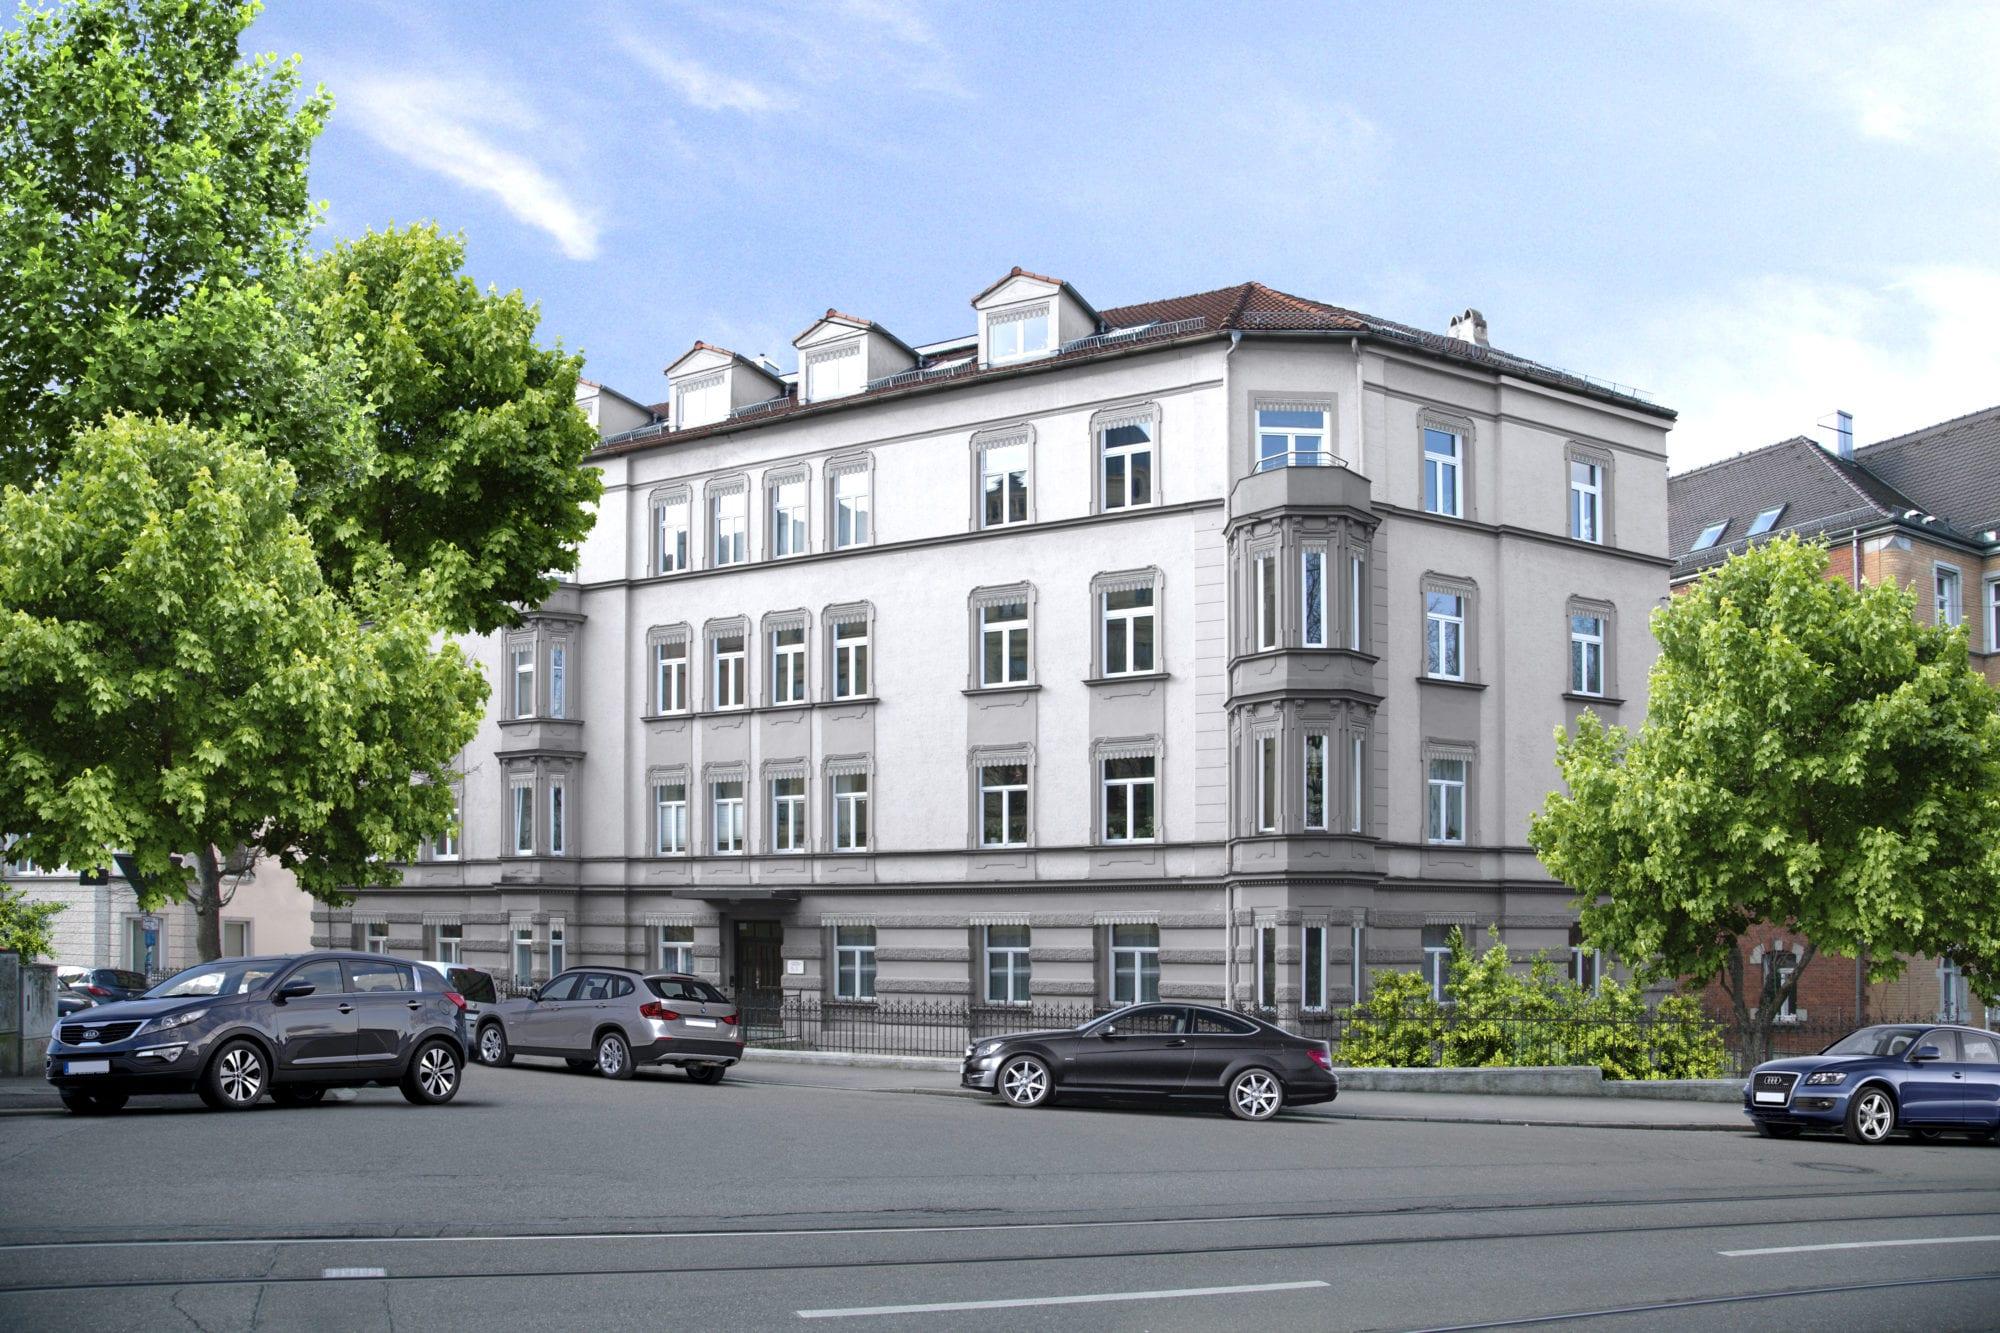 Avanza_Nibelungen-Palais_1